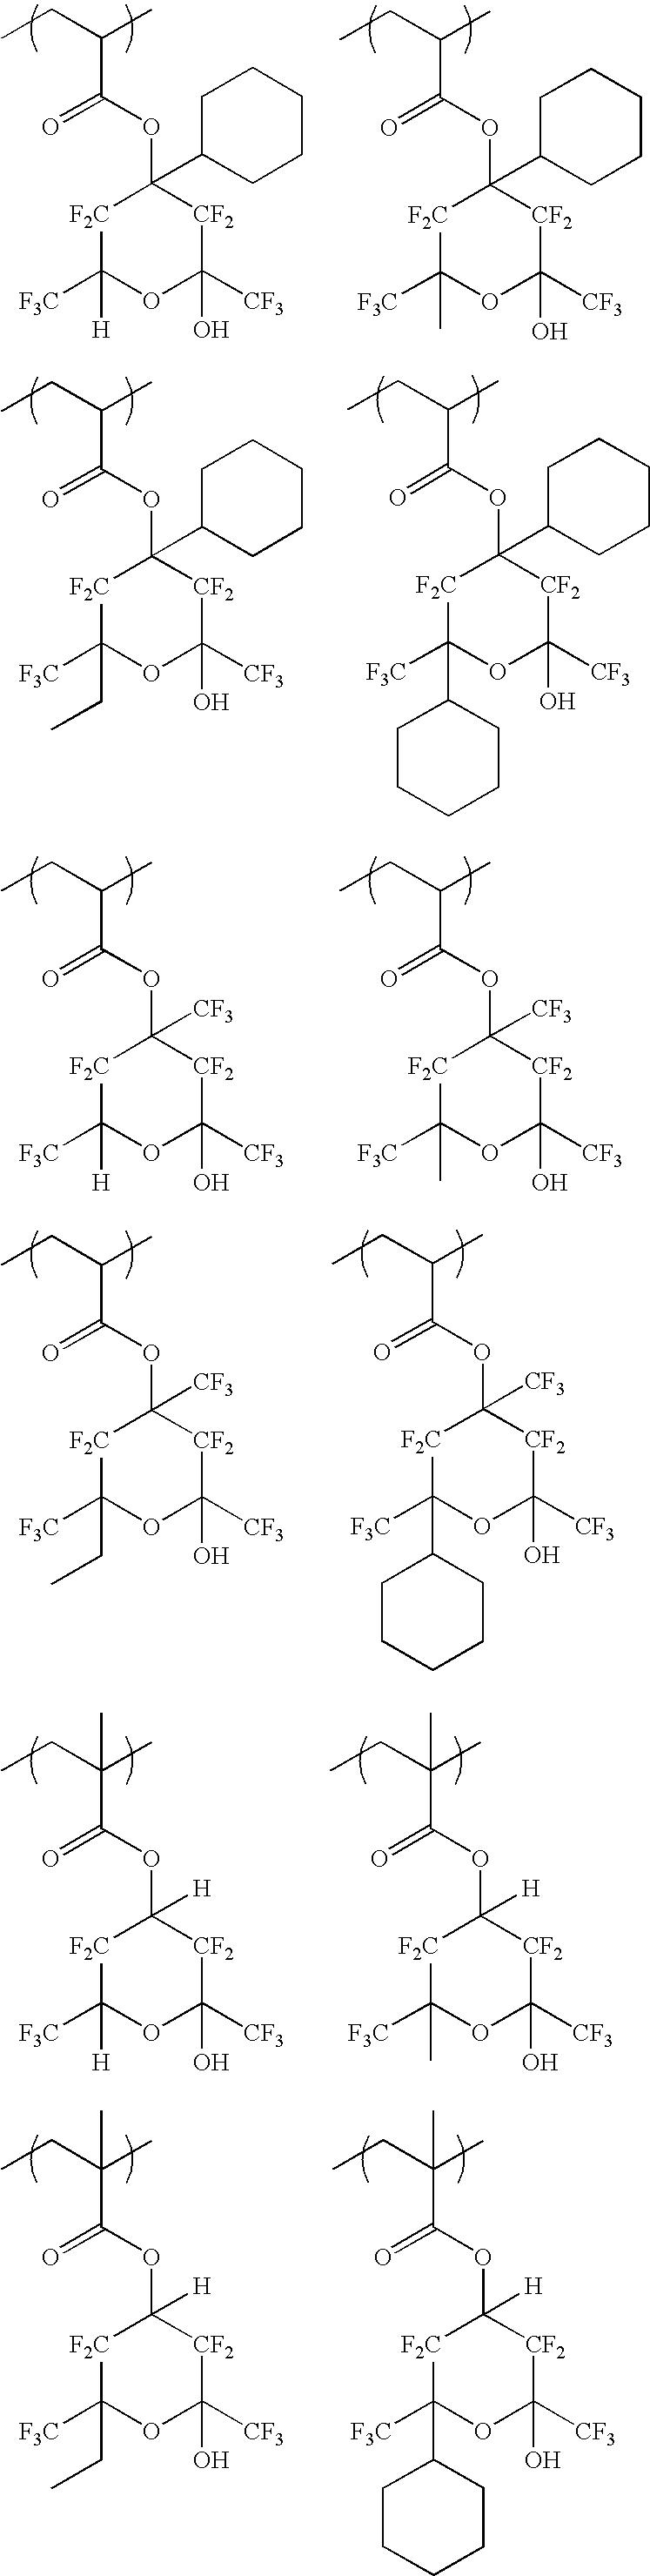 Figure US20060094817A1-20060504-C00028